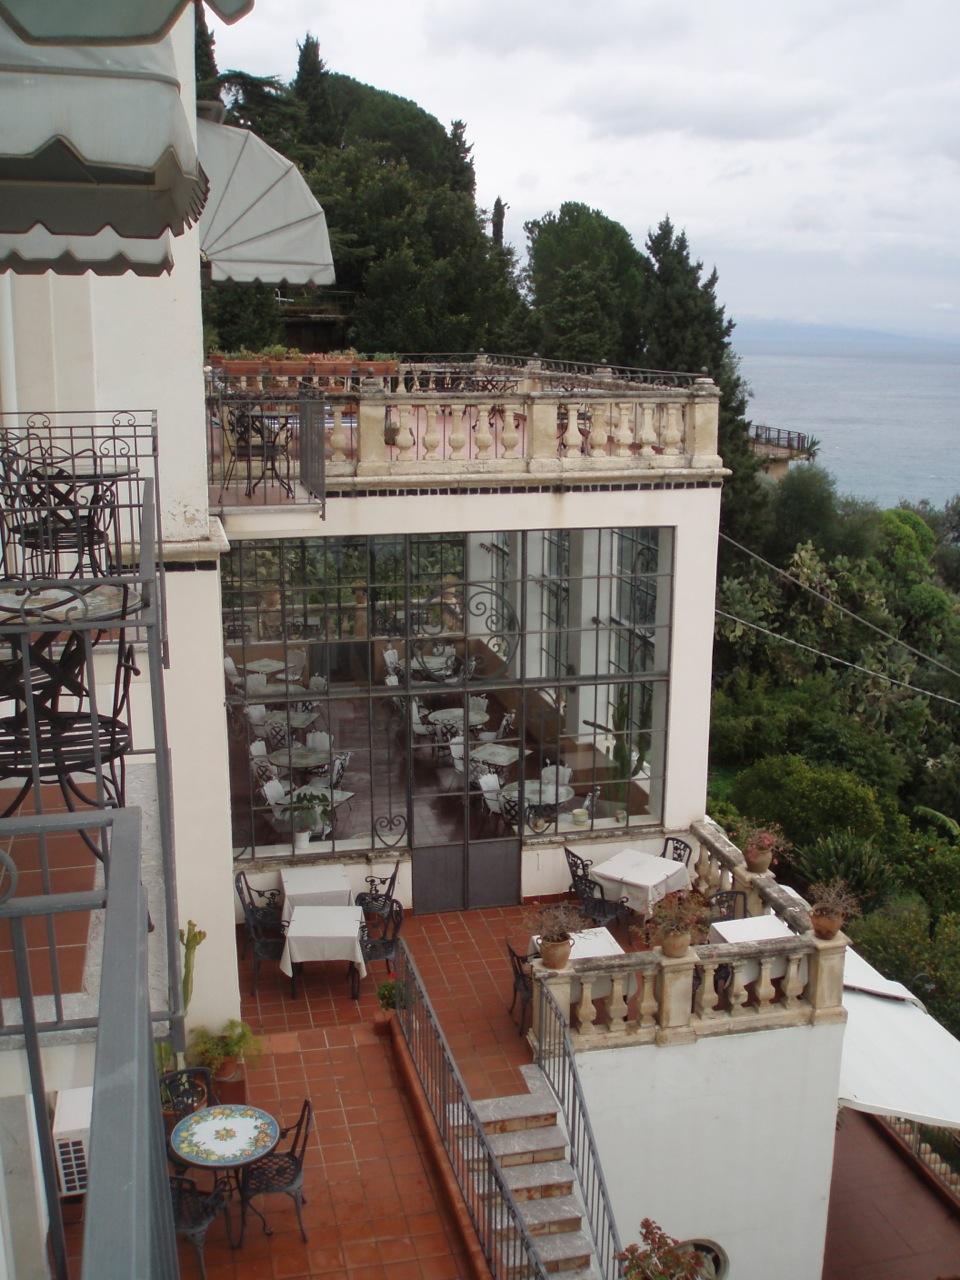 Sicily Travel - Hotel Bel Soggiorno, Taormina - Vivian V. Russell Travel